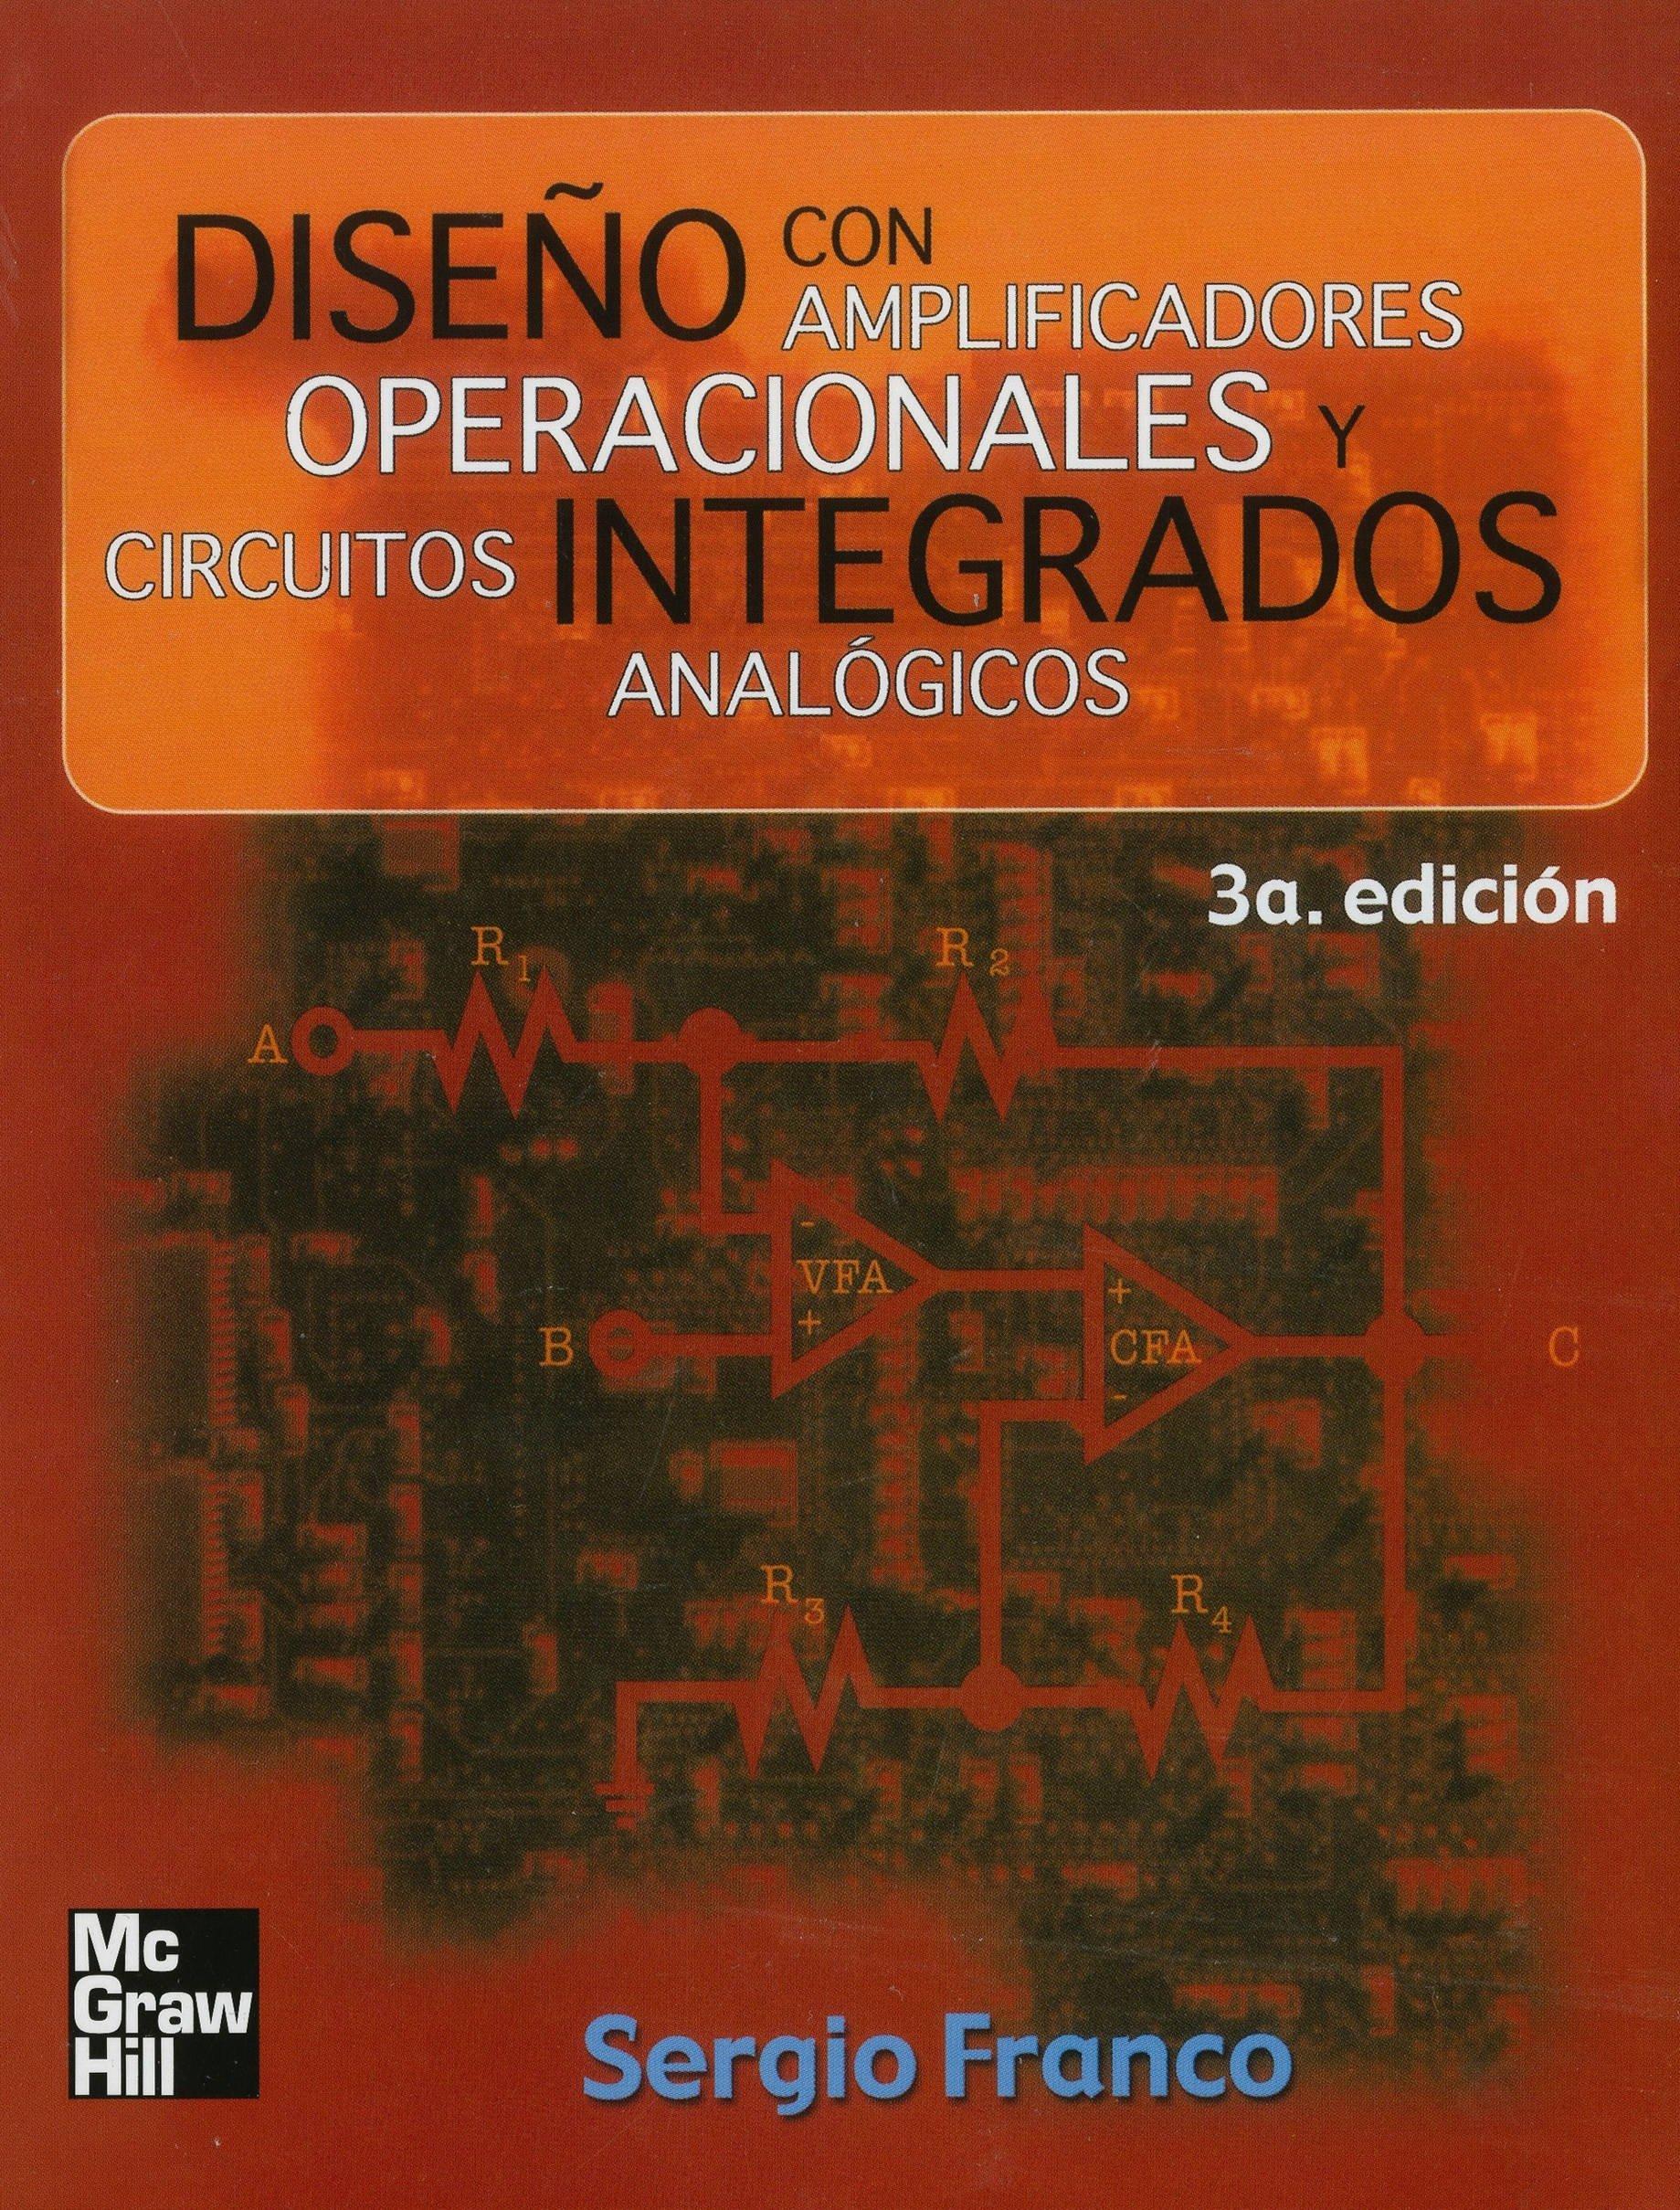 DISENO CON AMPLIFICADORES OPERACIONALES: Amazon.es: Sergio Franco: Libros